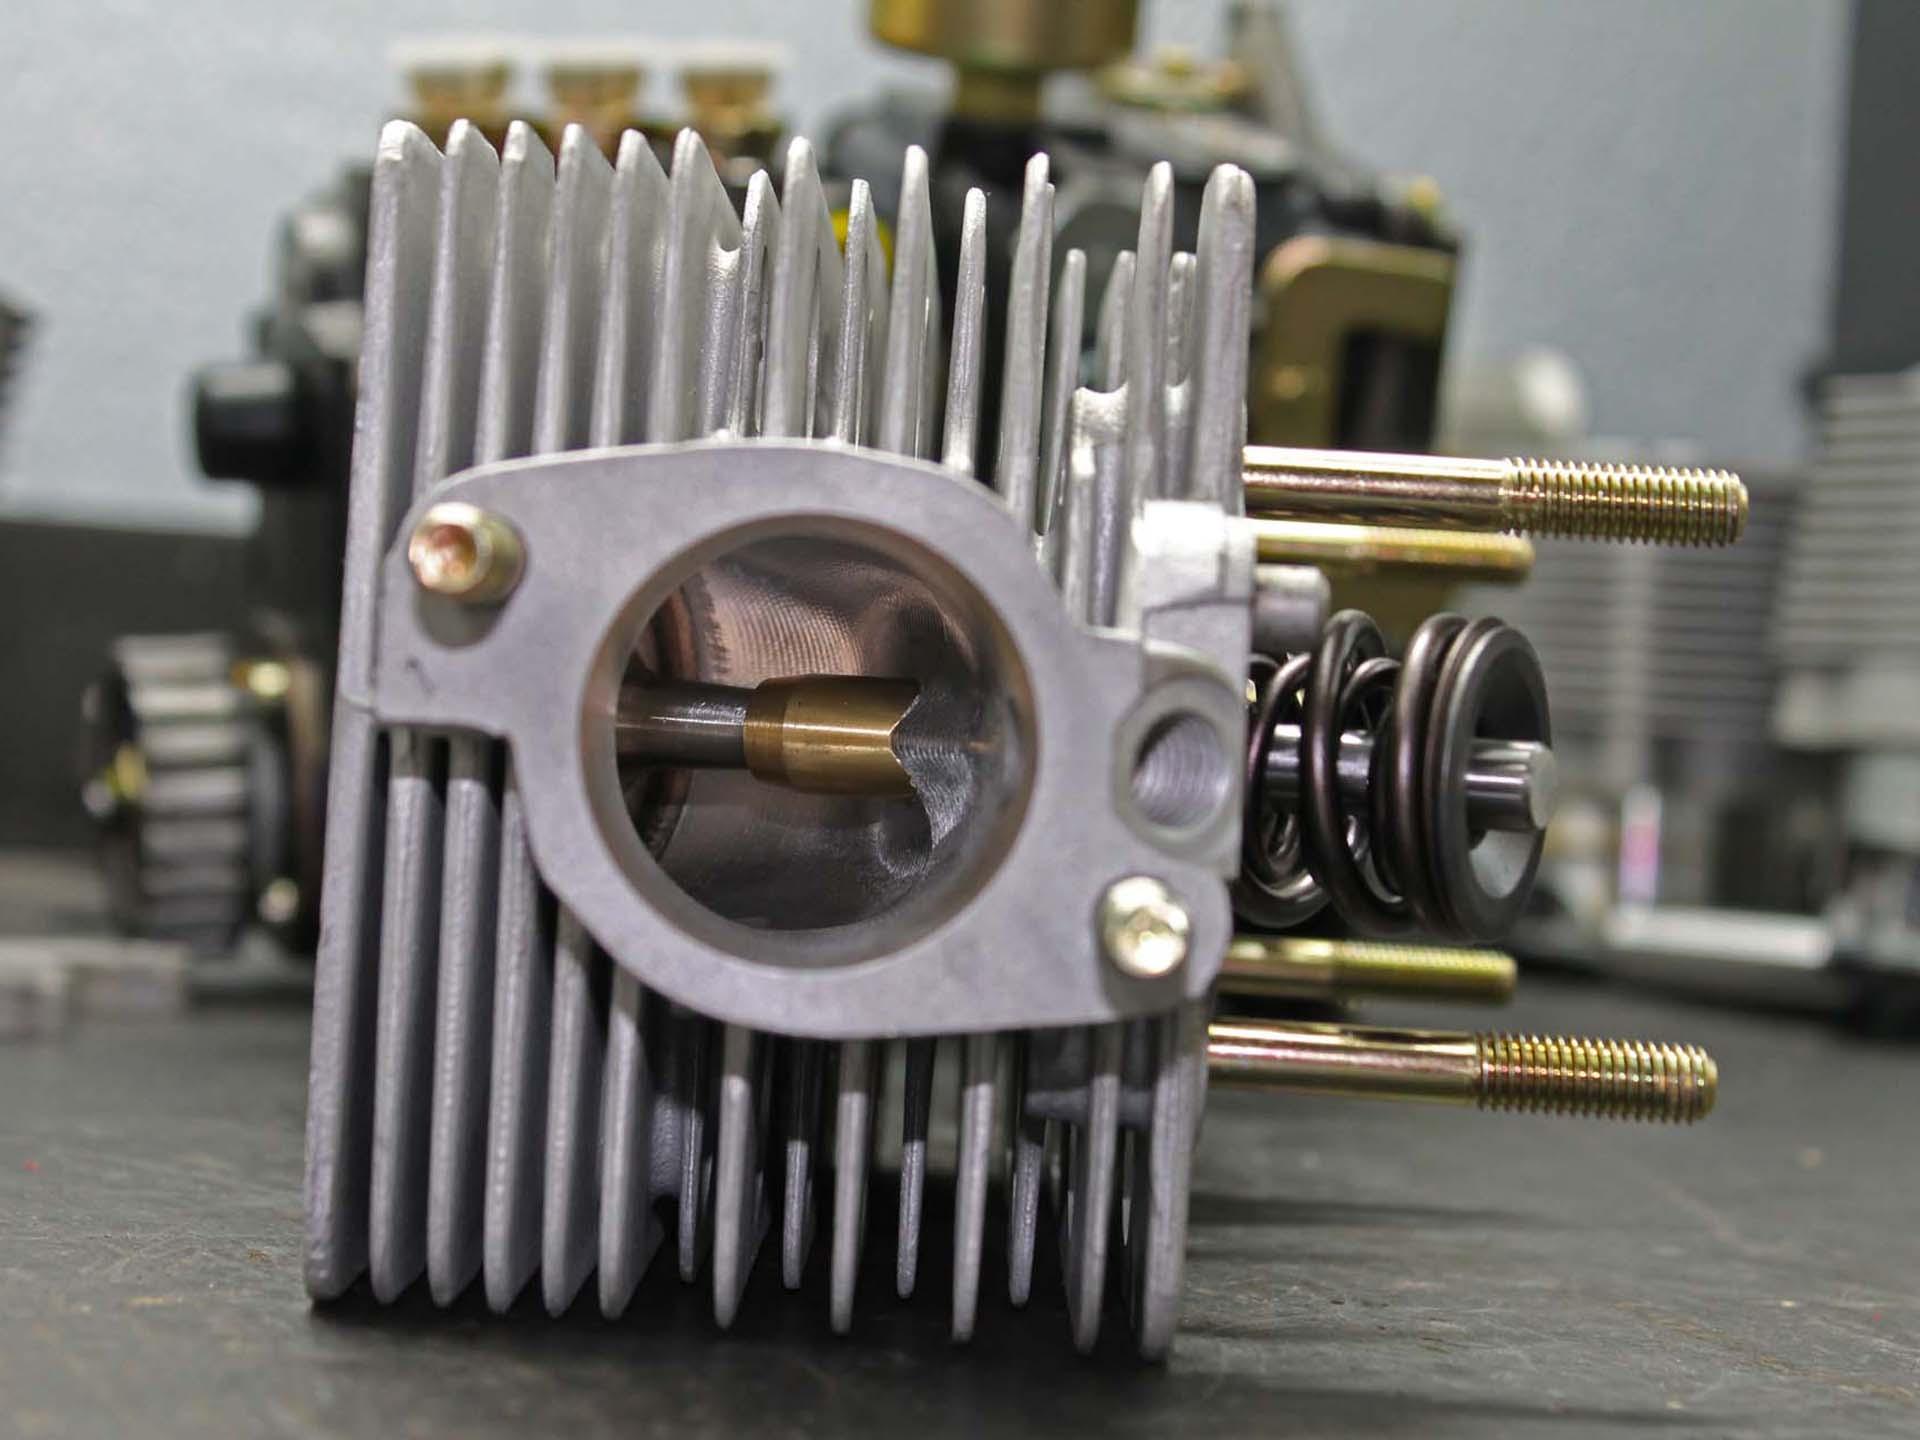 Zylinderkopfbearbeitung, Instandsetzung und Leistungssteigerung